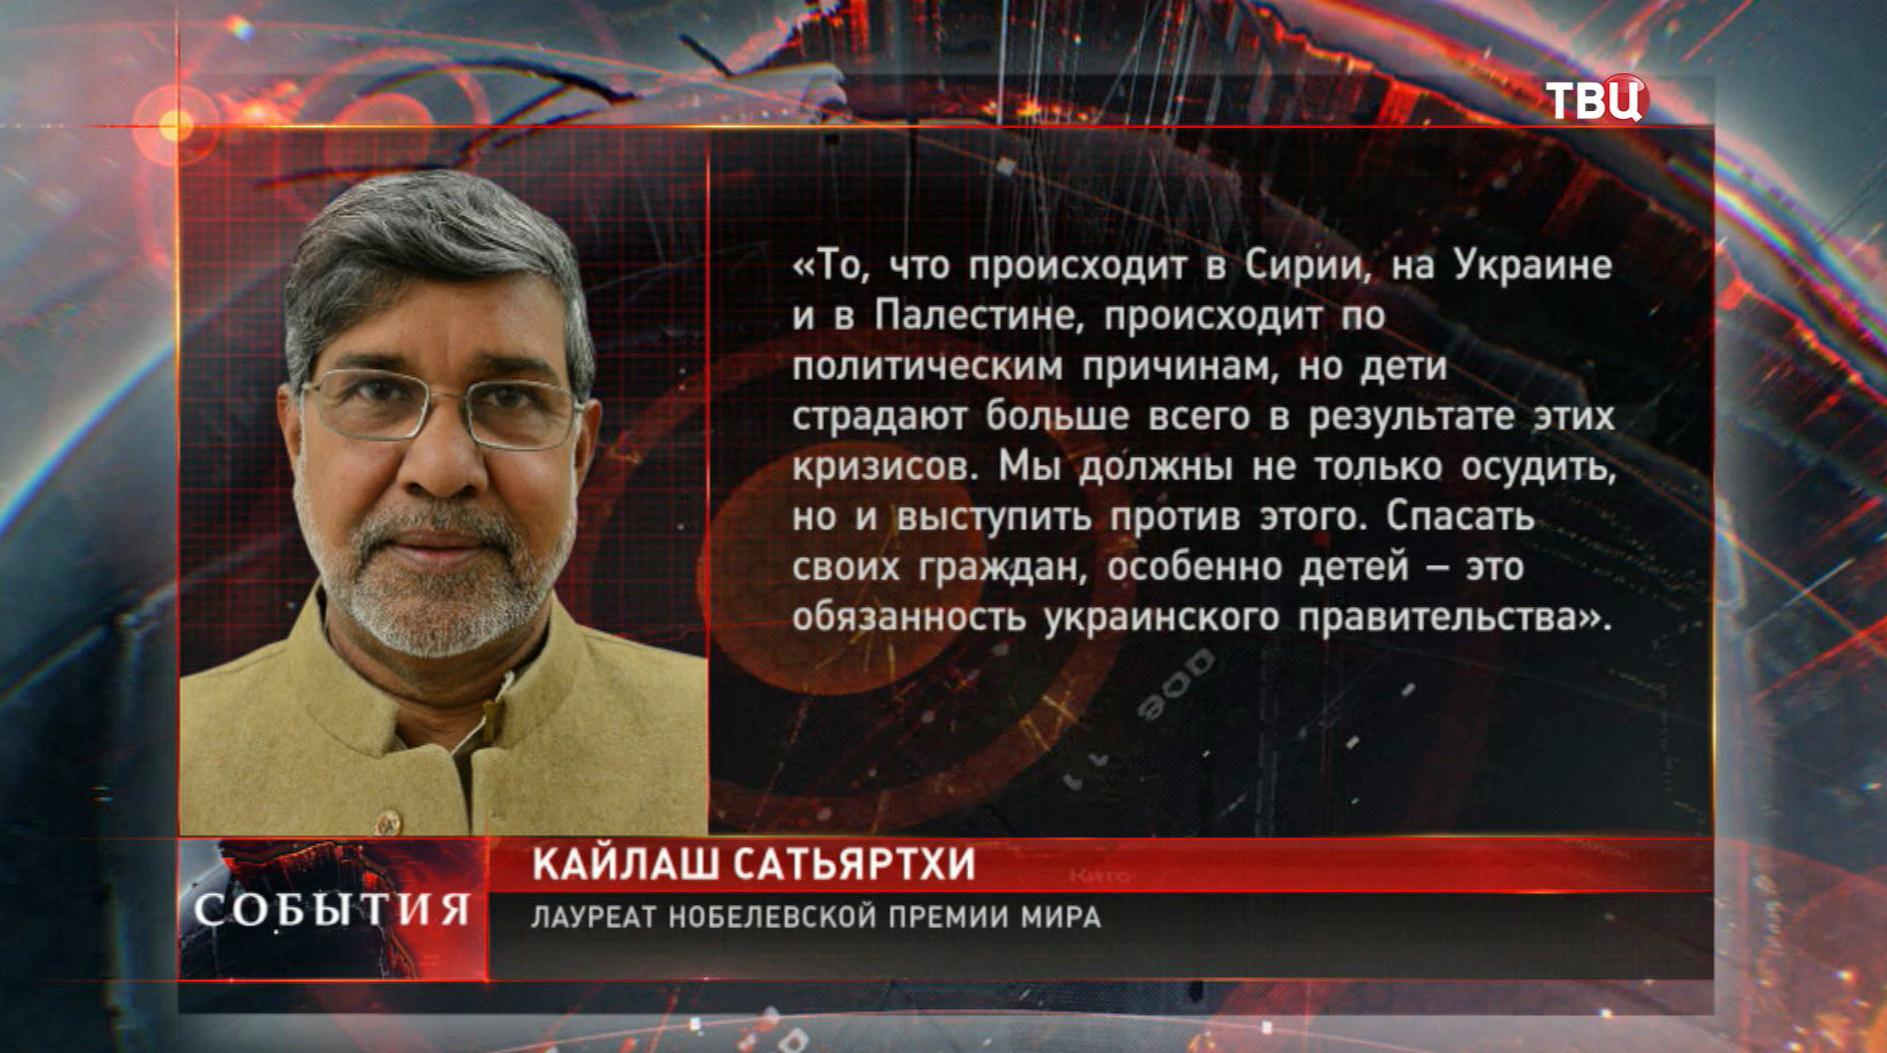 Лауреат нобелевской премии мира Кайлаш Сатьярти